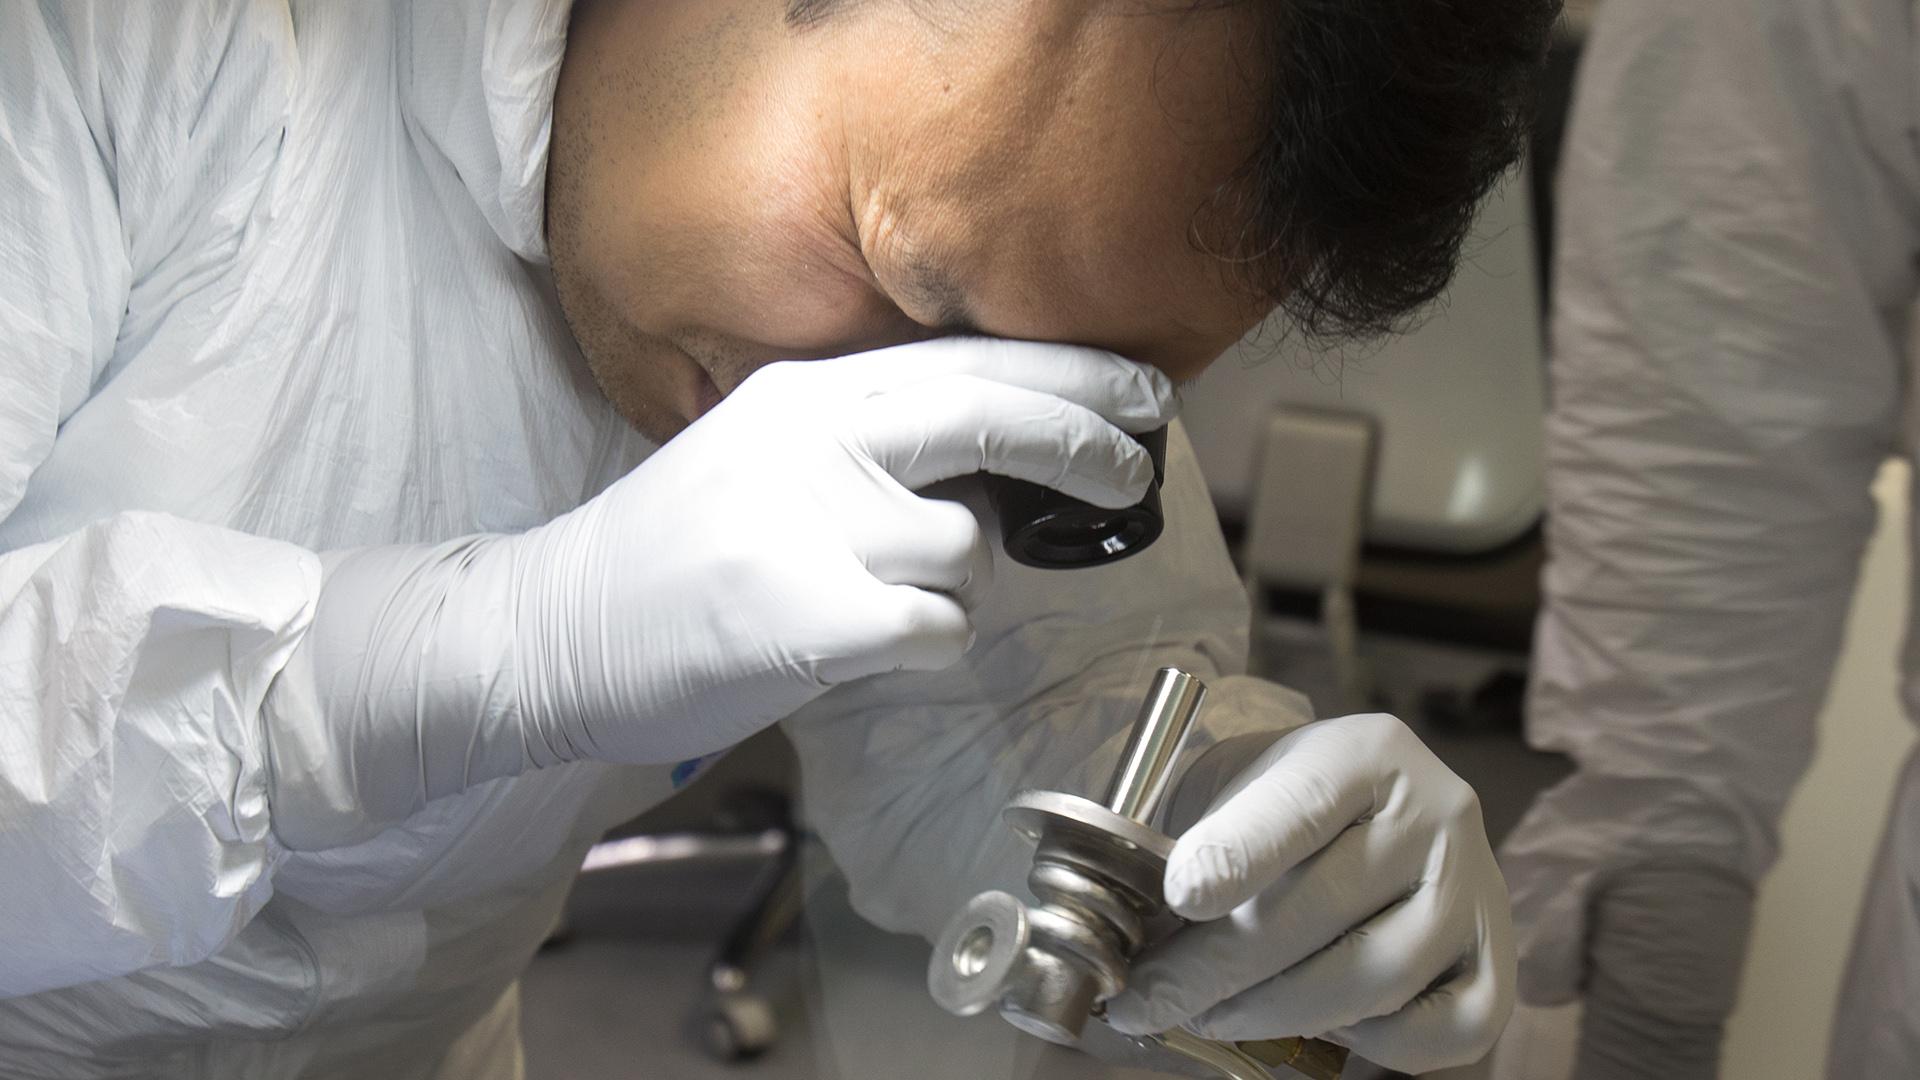 Las células utilizadas fueron creadas usando células madre iPS procedentes de donantes que tienen algún tipo de inmunidad (ALEX HALADA / AFP)